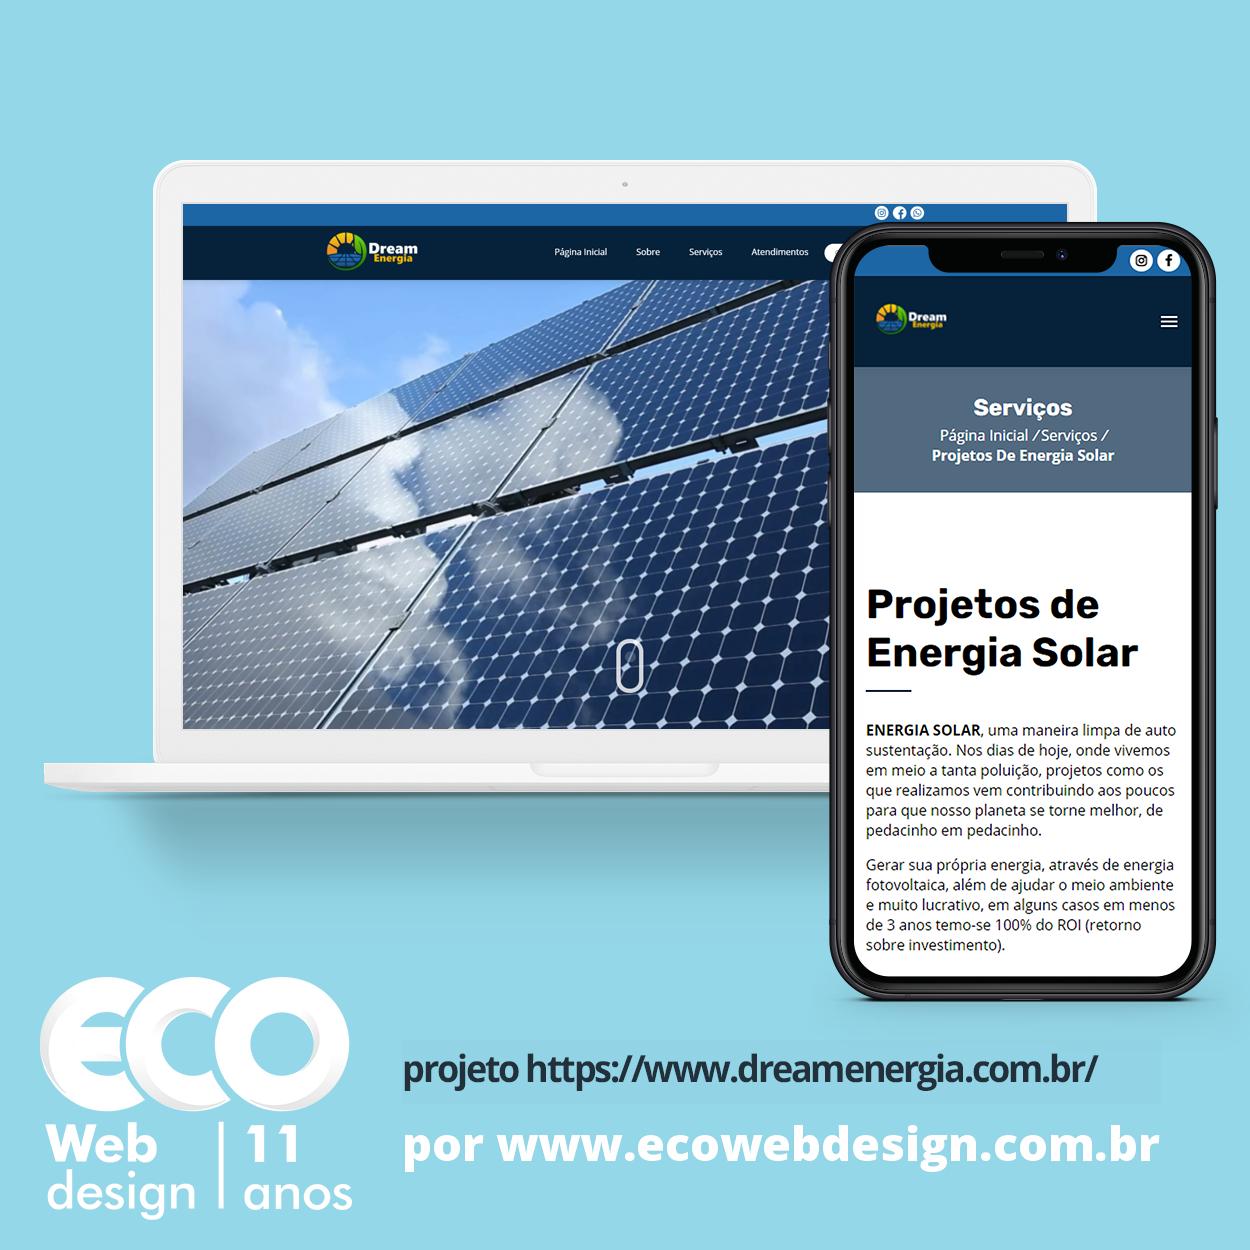 Imagem de Acesse <a href='https://www.dreamenergia.com.br'  target='_blank'>    https://www.dreamenergia.com.br  </a>  •  Site institucional para empresa especializada em energia solar residencial e industrial - Dream Energia